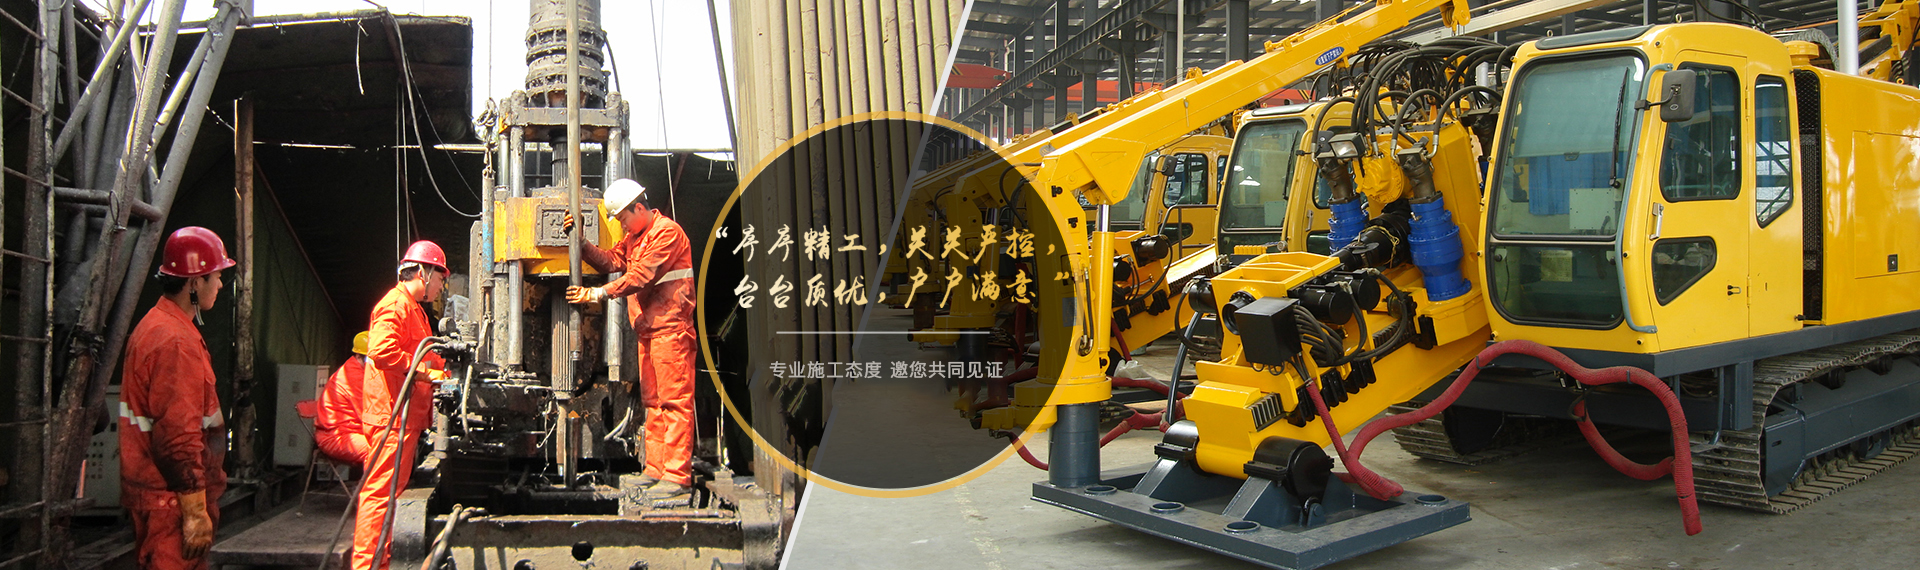 黃海機械 產品細節圖